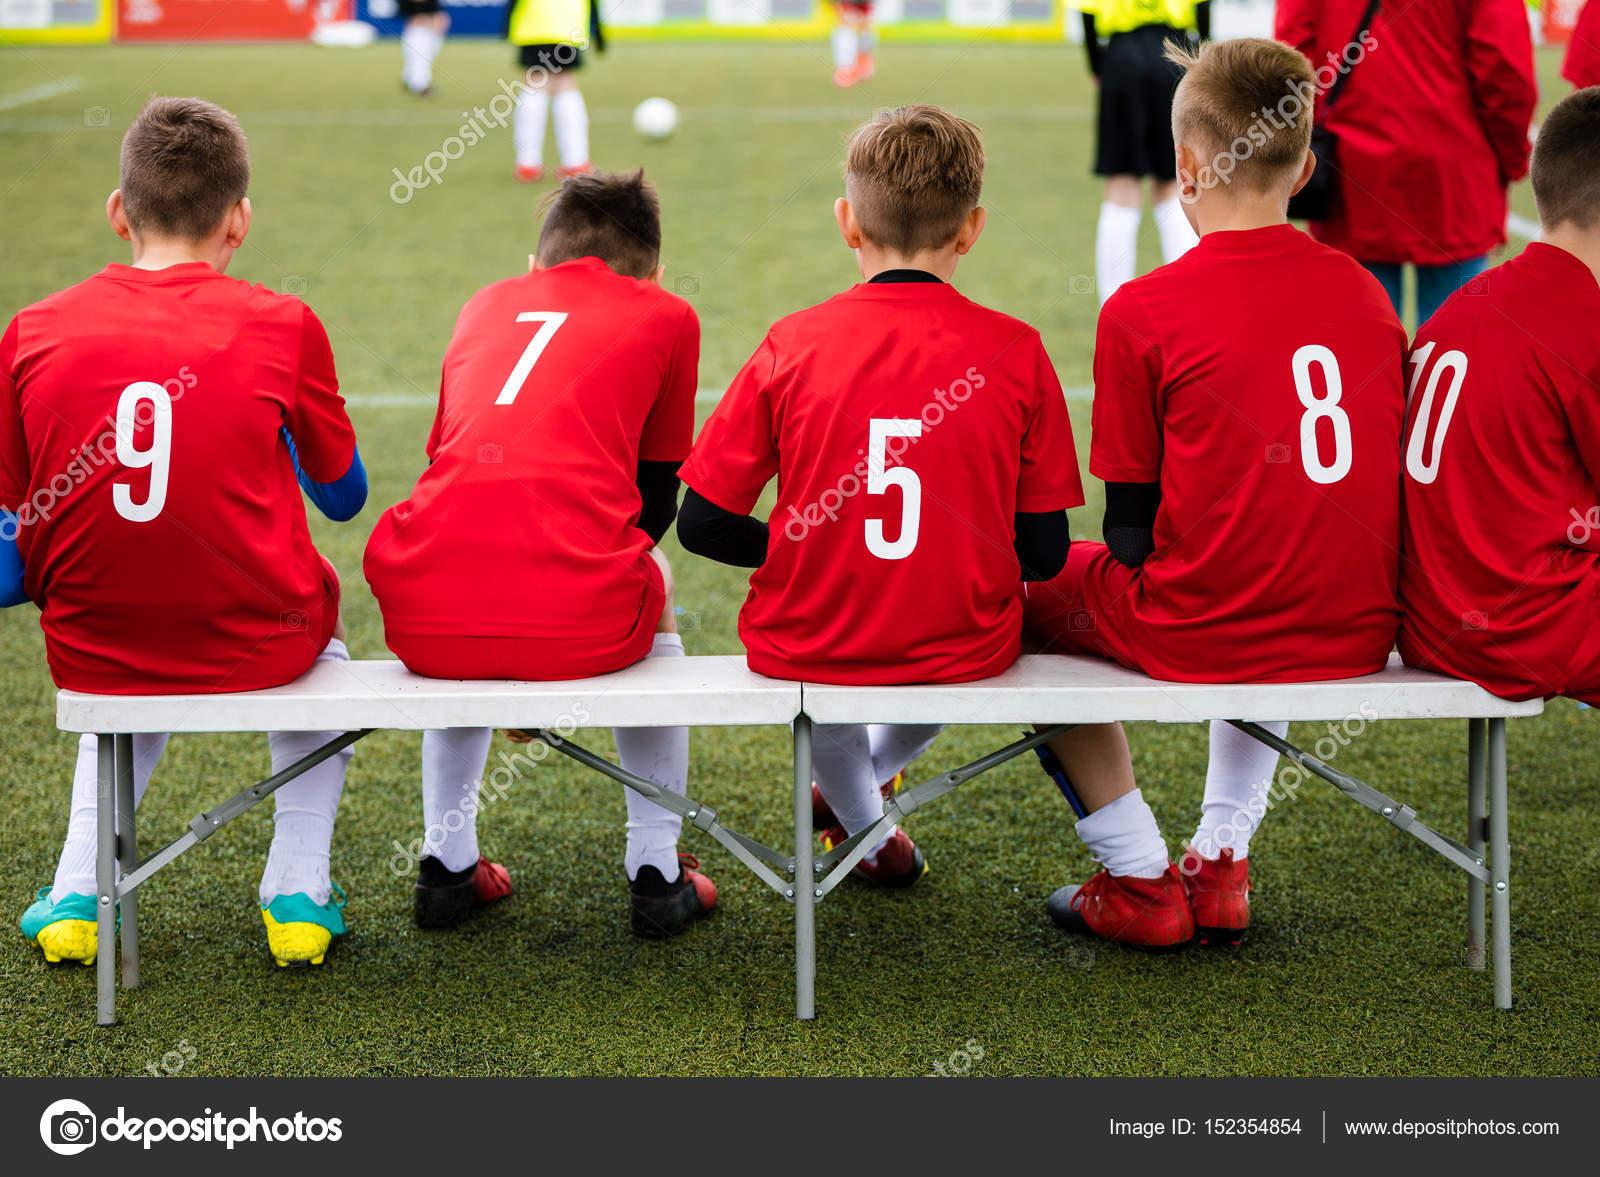 6a73dc6131e85 Deporte equipo juvenil sentado en la banca. Jóvenes futbolistas como  sustituto de jugadores viendo el partido del torneo de fútbol. Niños ...